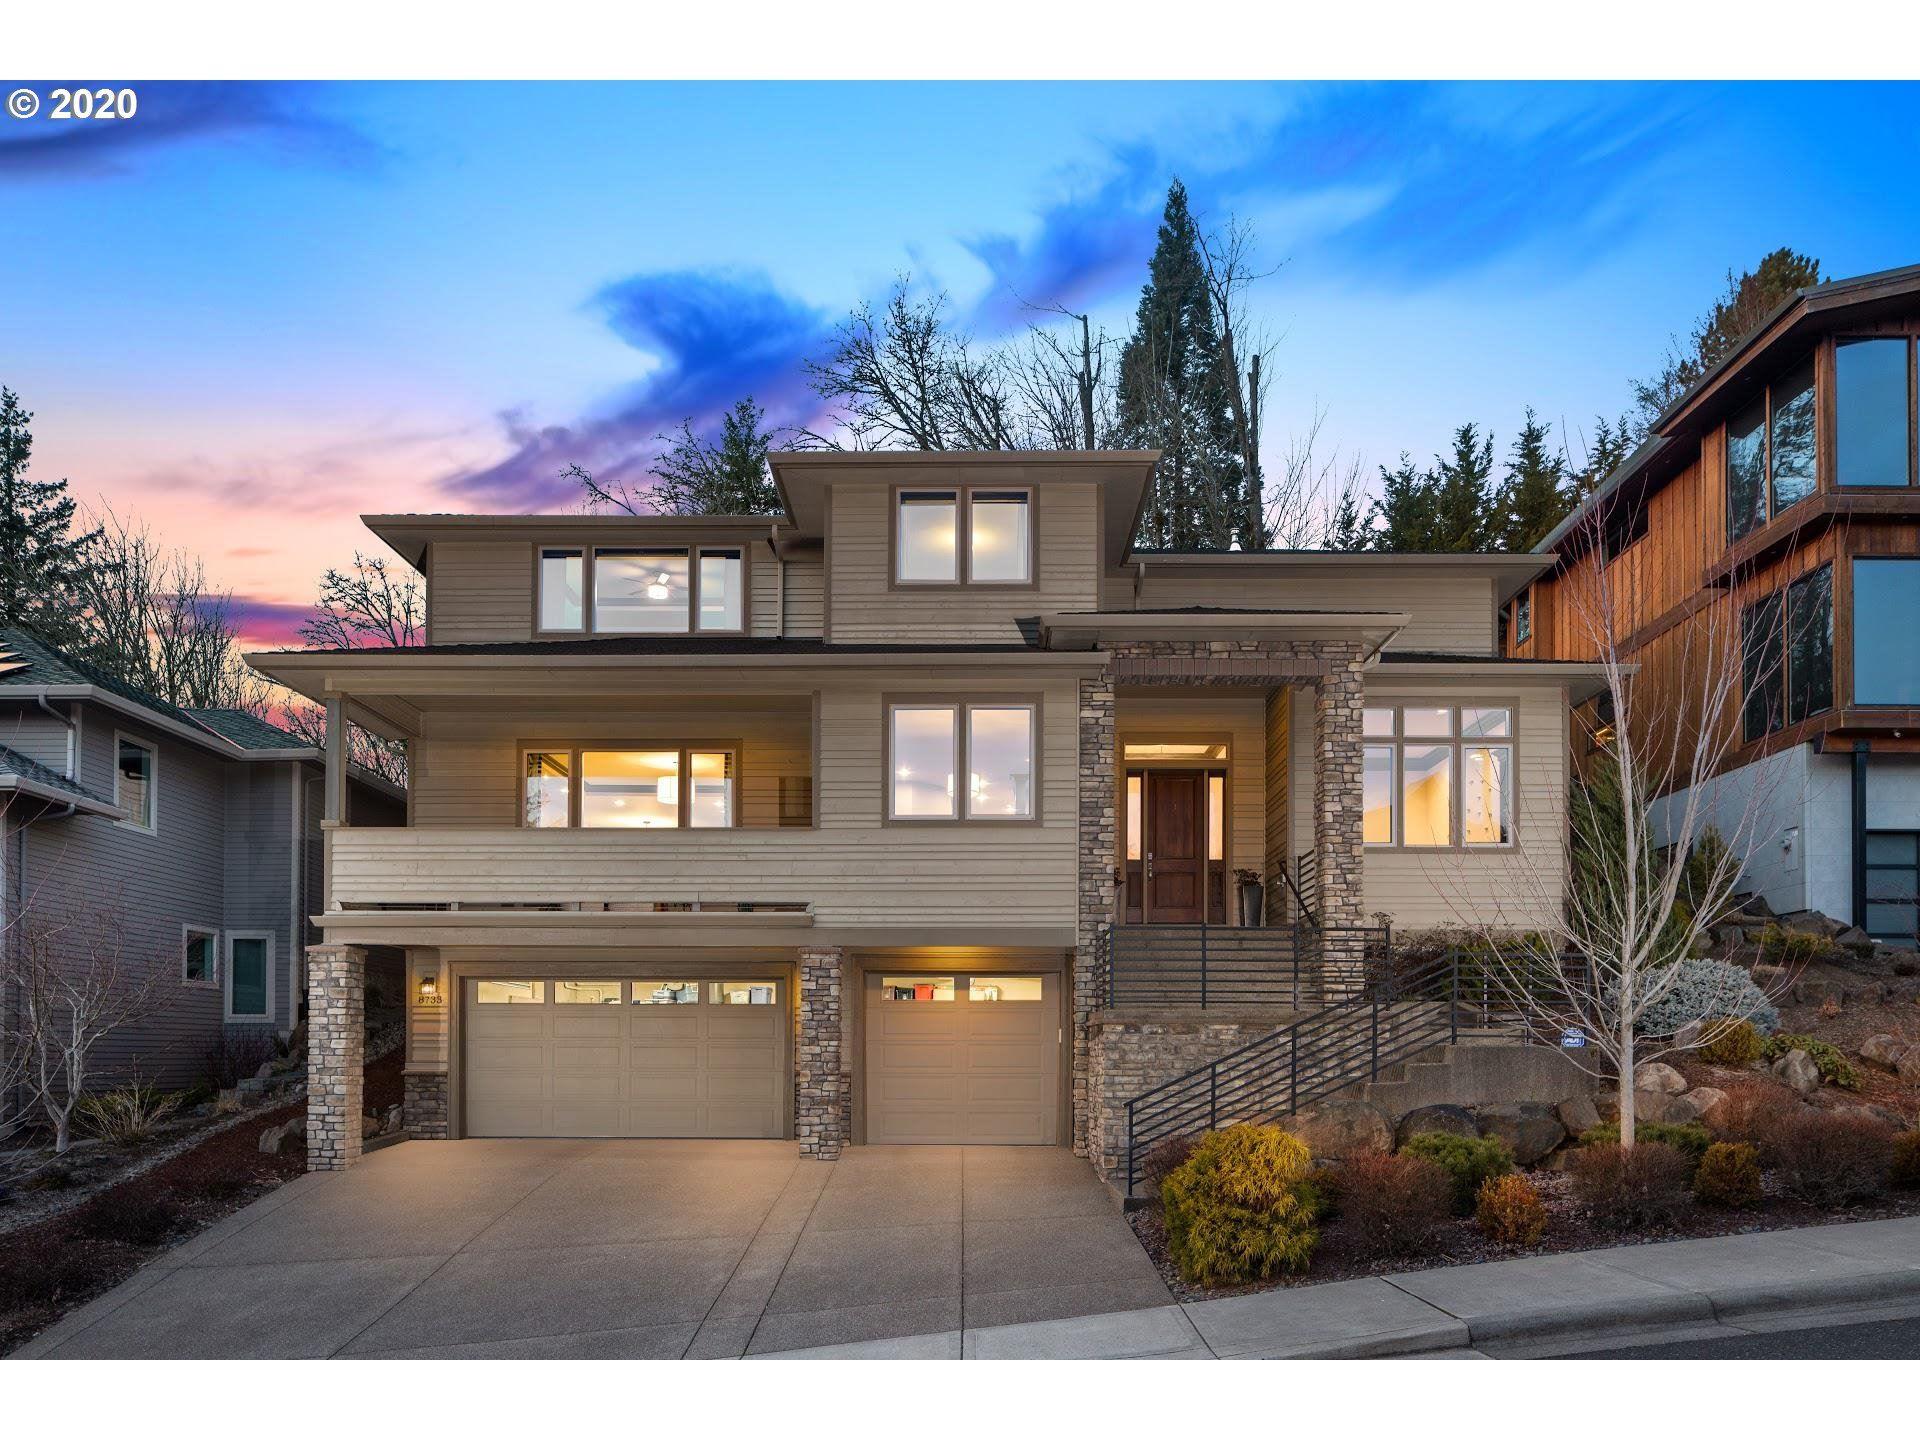 8733 NW SAVOY LN, Portland, OR 97229 - MLS#: 20393439